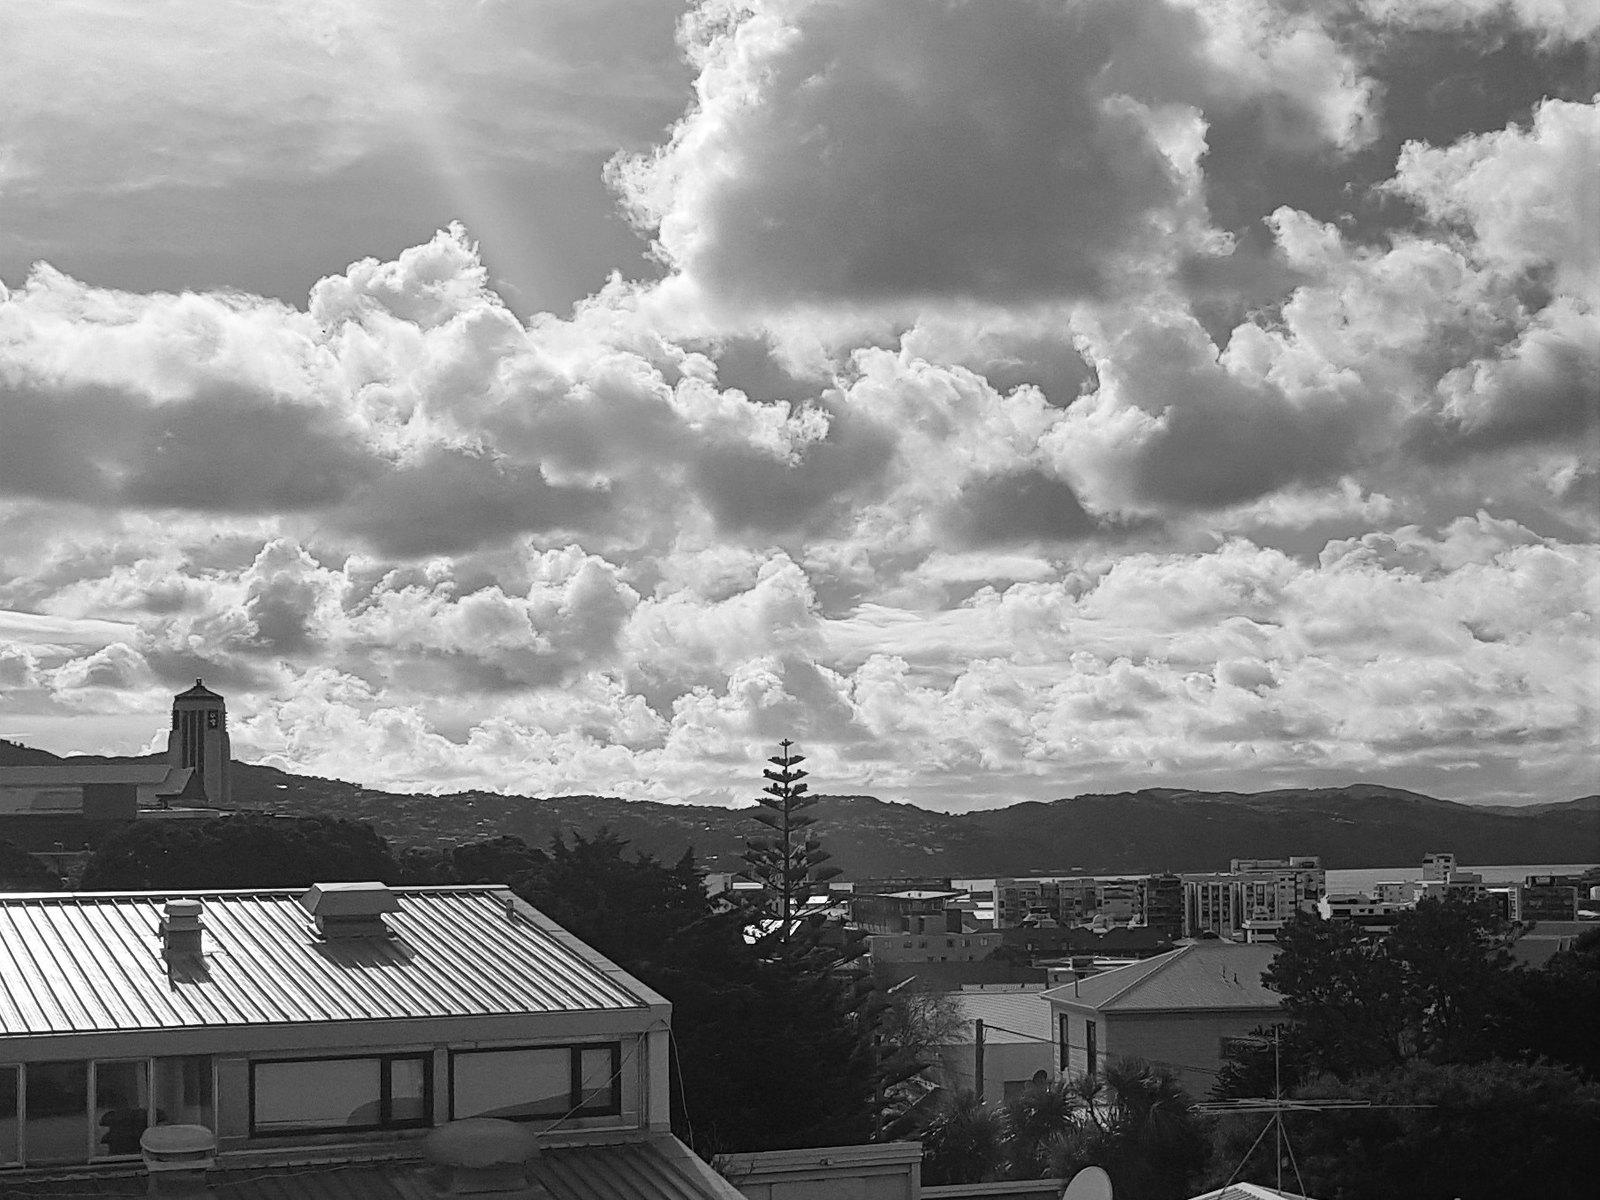 20190601_120116 (Turbulent skies)